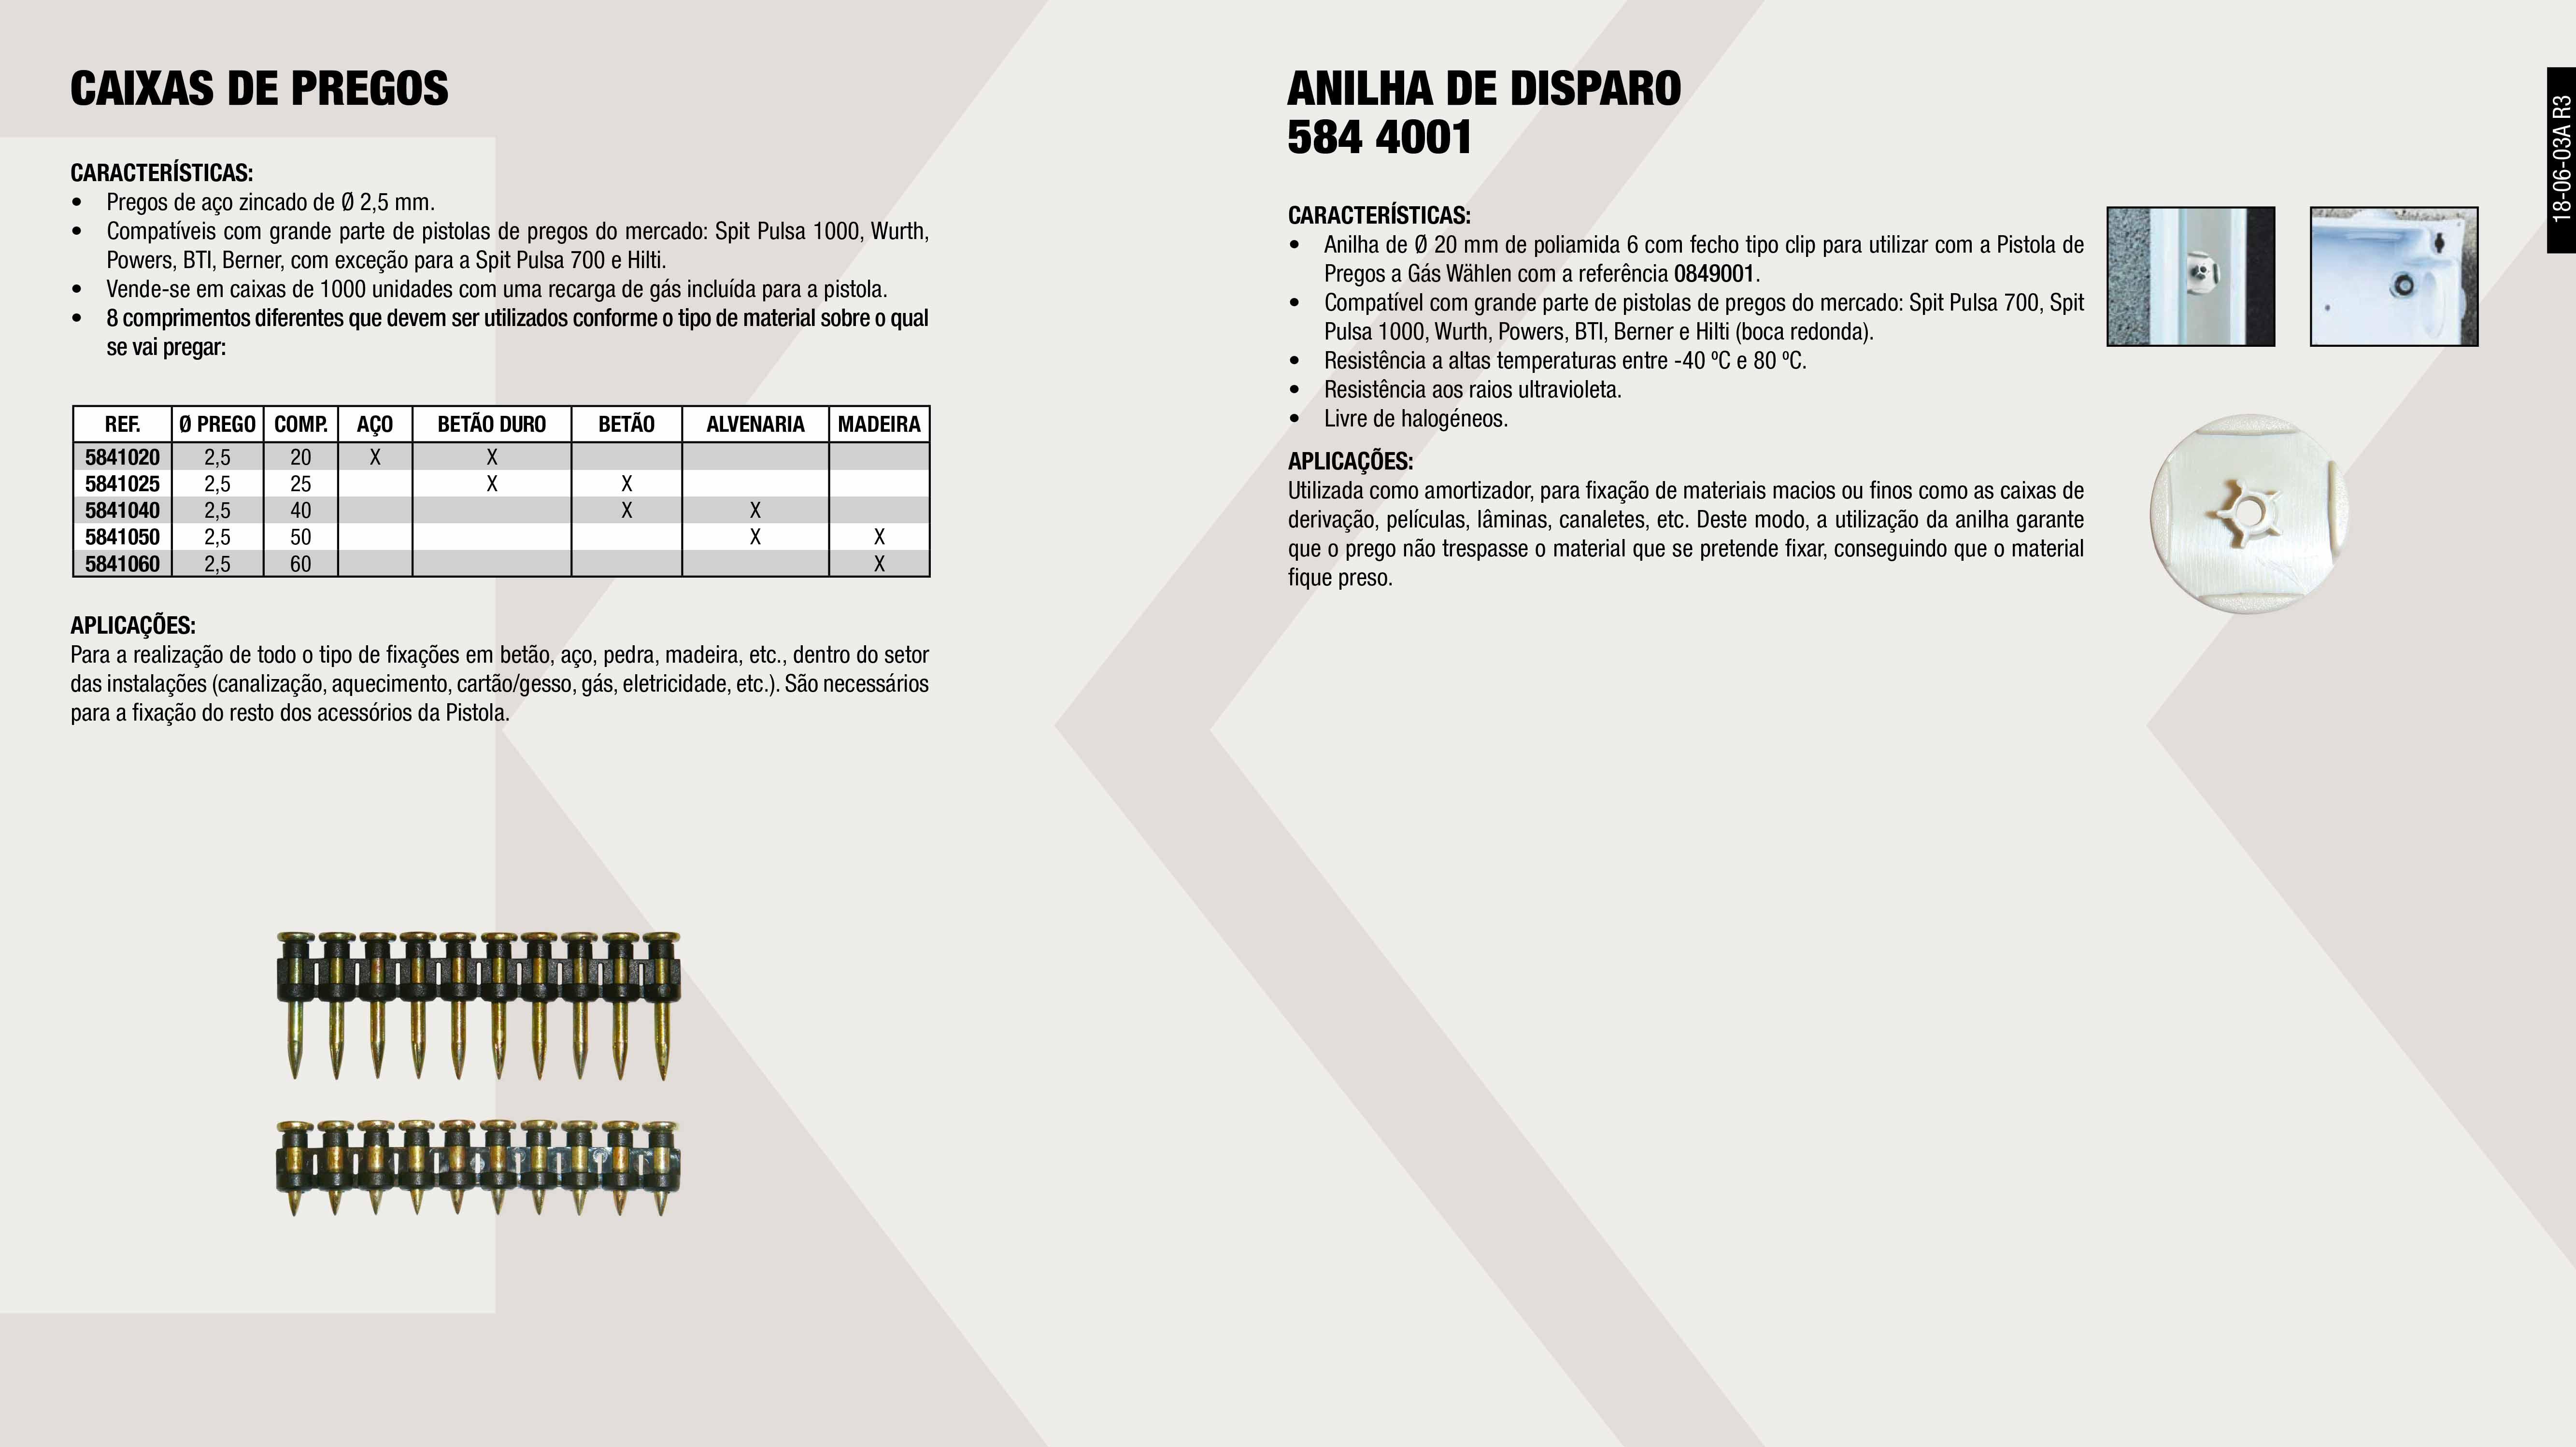 CAIXA 1000 PREGOS 25MM+RECARGA (0849001)                    ,  CAIXA 1000 PREGOS 35MM+RECARGA (0849001)                    ,  CAIXA 1000 PREGOS 50MM+RECARGA (0849001)                    ,  CAIXA 1000 PREGOS 40MM+RECARGA (0849001)                    ,  CAIXA 1000 PREGOS 30MM+RECARGA (0849001)                    ,  CAIXA 1000 PREGOS 60MM+RECARGA (0849001)                    ,  RECARGA GARRAFA GAS (0849001)                               ,  CAIXA 1000 PREGOS 20MM+RECARGA (0849001)                    ,  ARANDELA CINZENTO (0849001)                                 ,